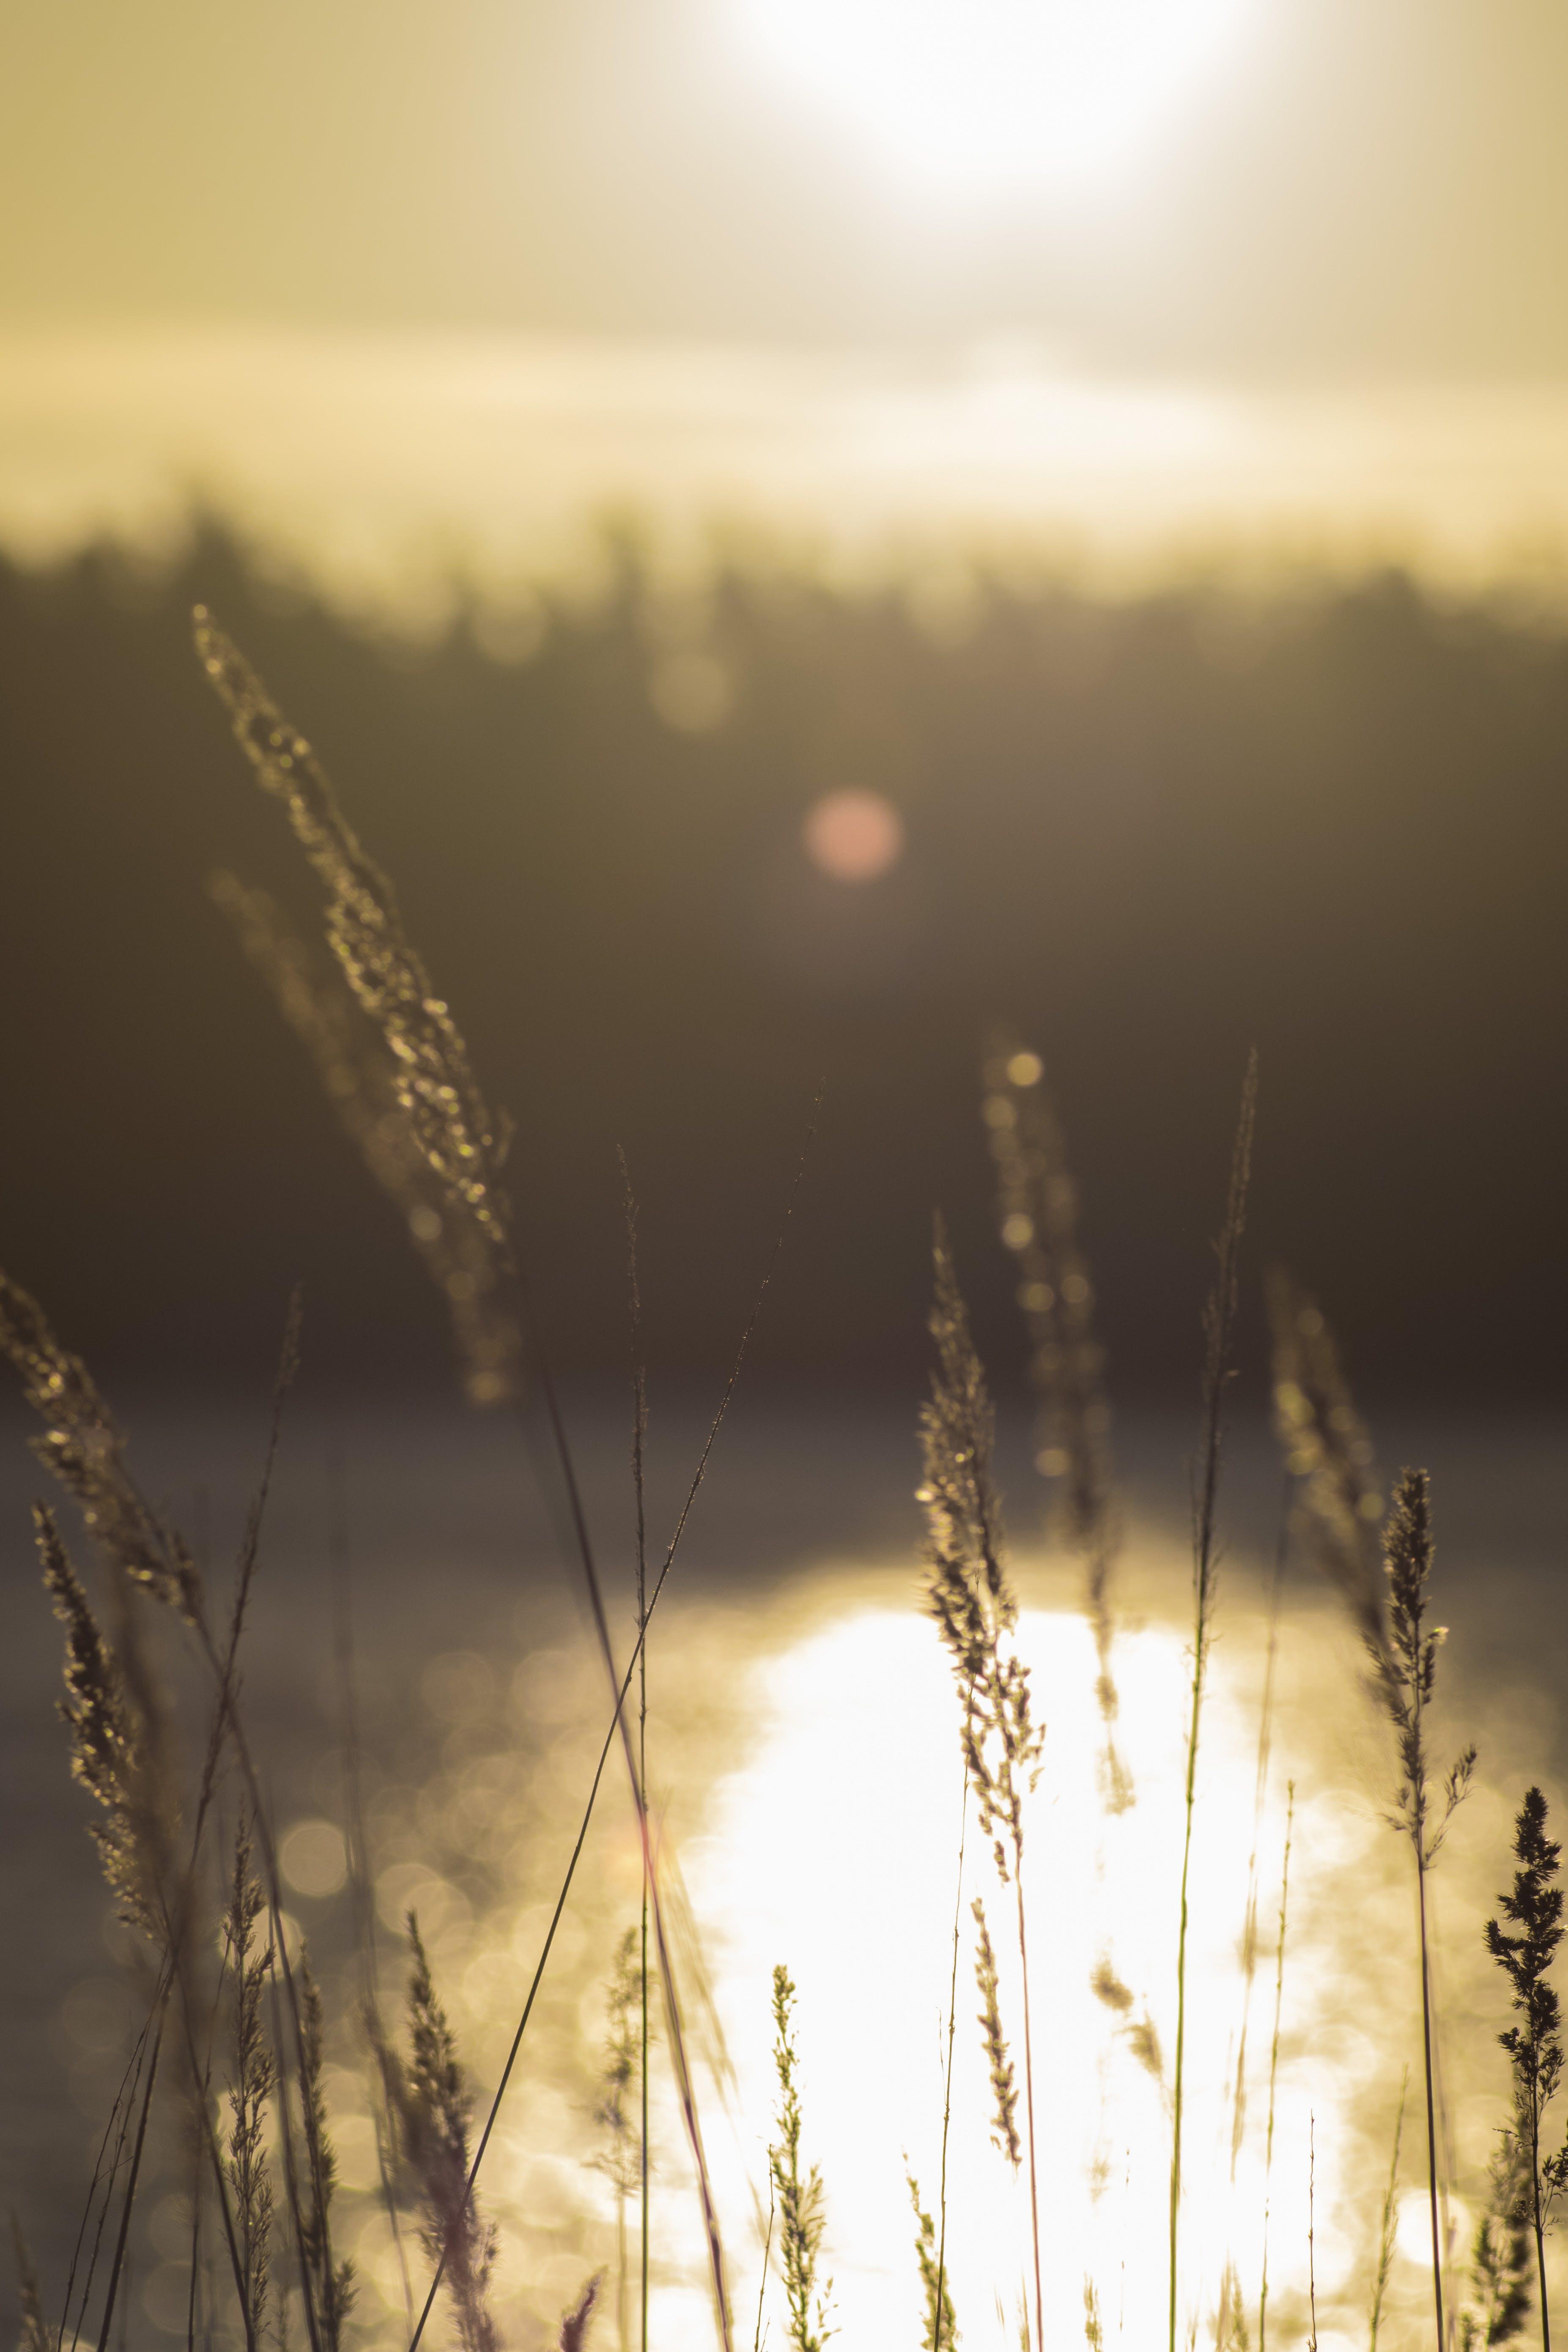 Gratis stockfoto met hoog gras, zon, zonsopkomst